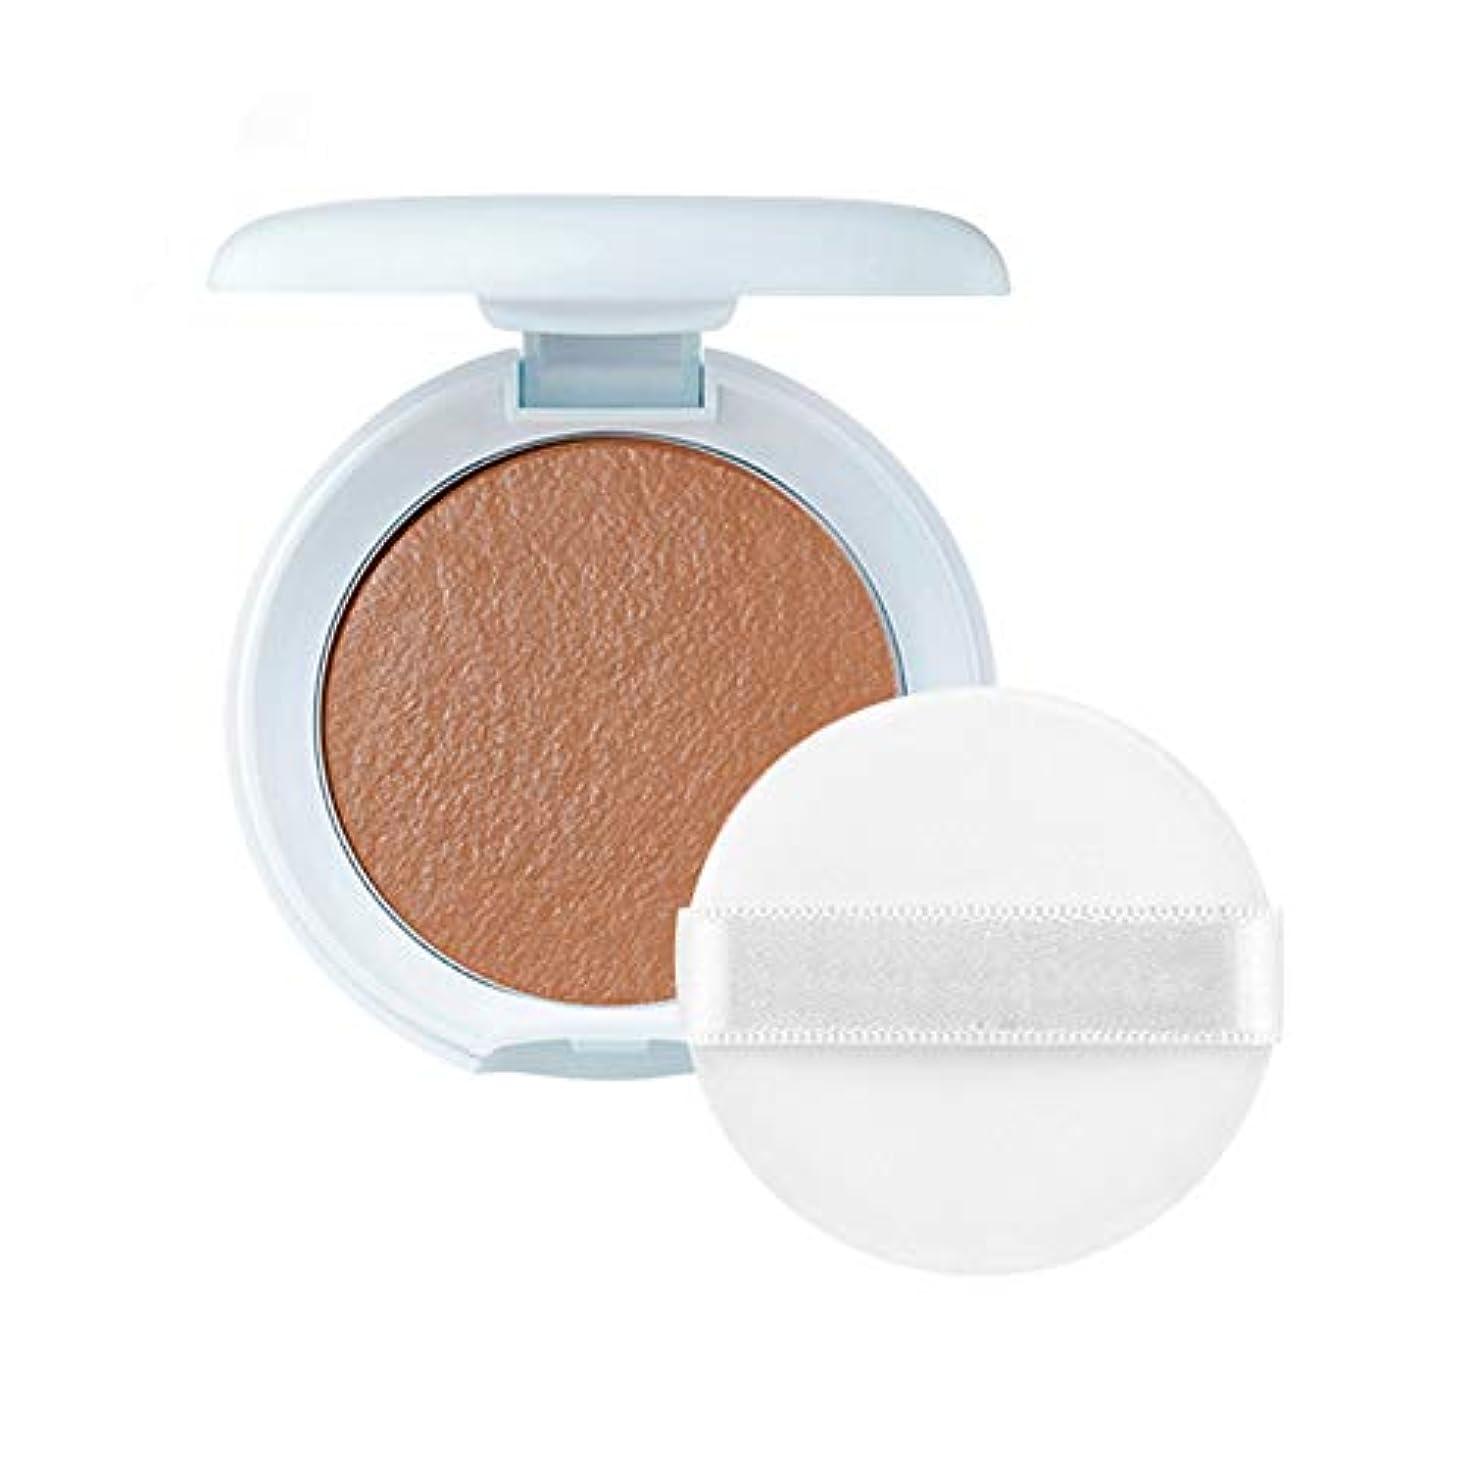 降下削除する行Cutelove パウダーファンデーション プレスパウダー キラキラ 柔らか 肌の色を明るくする 光沢のある 化粧ファンデーション プレスパウダーファンデーション